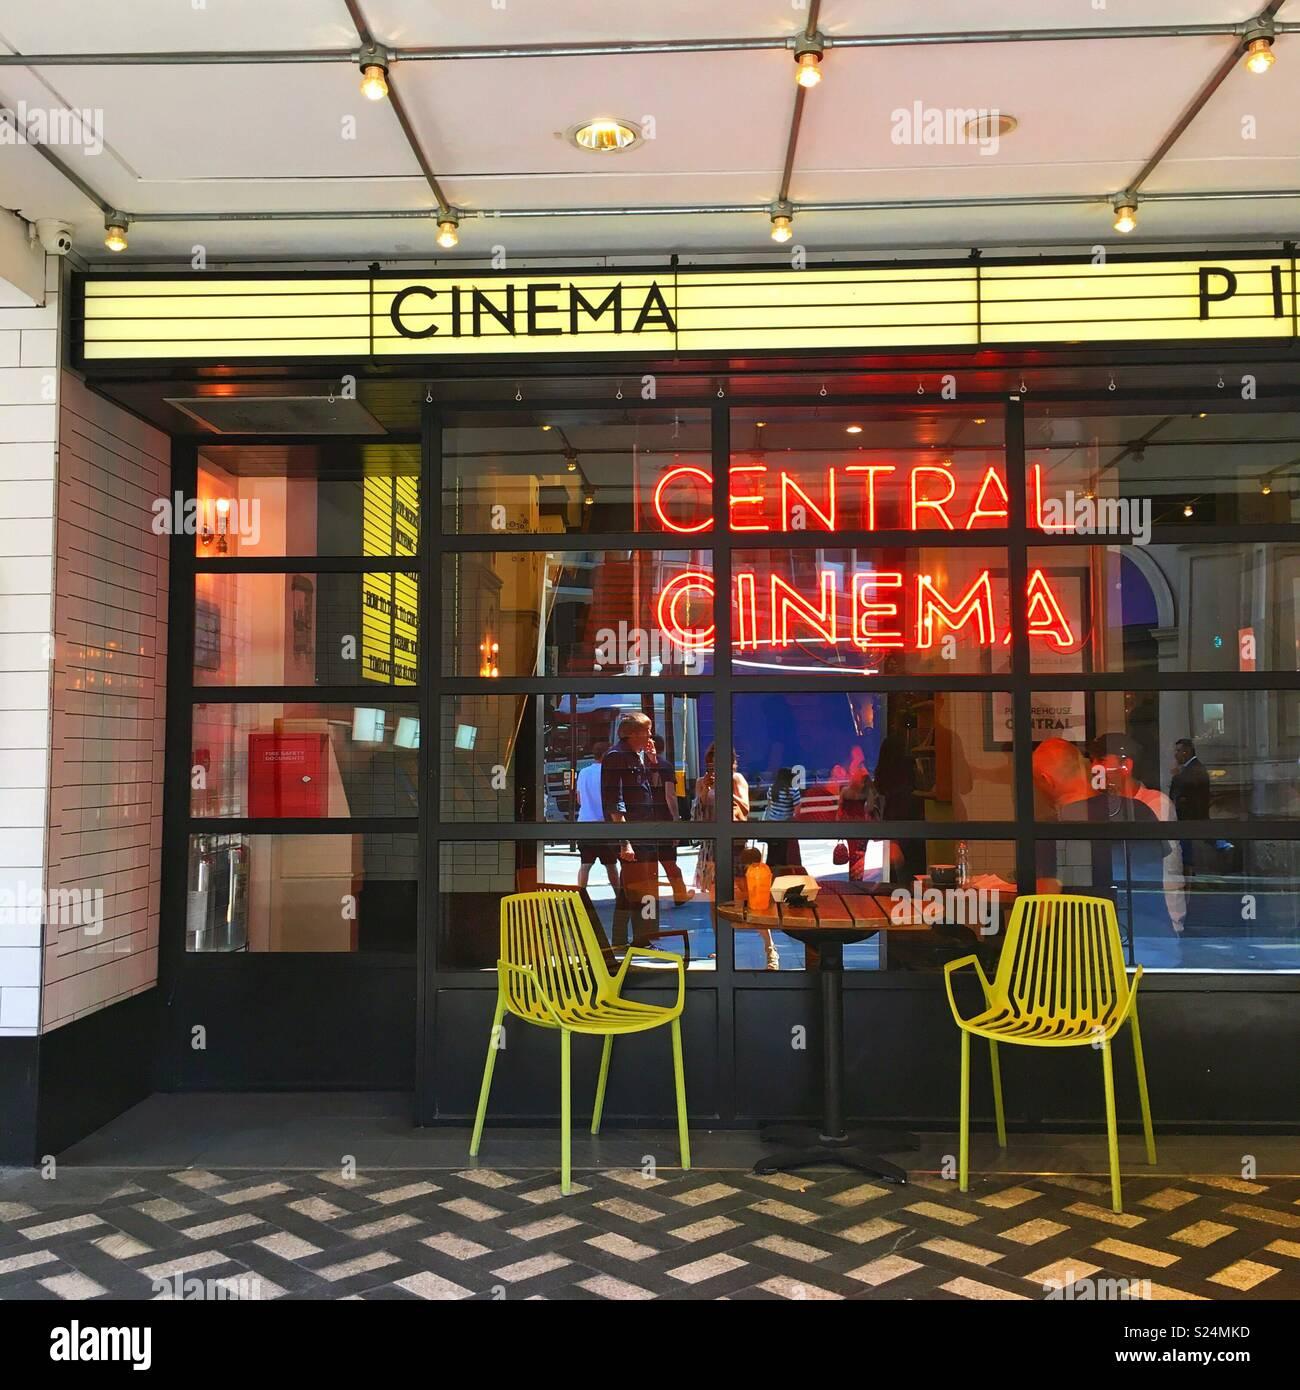 Picturehouse central cinema Imagen De Stock